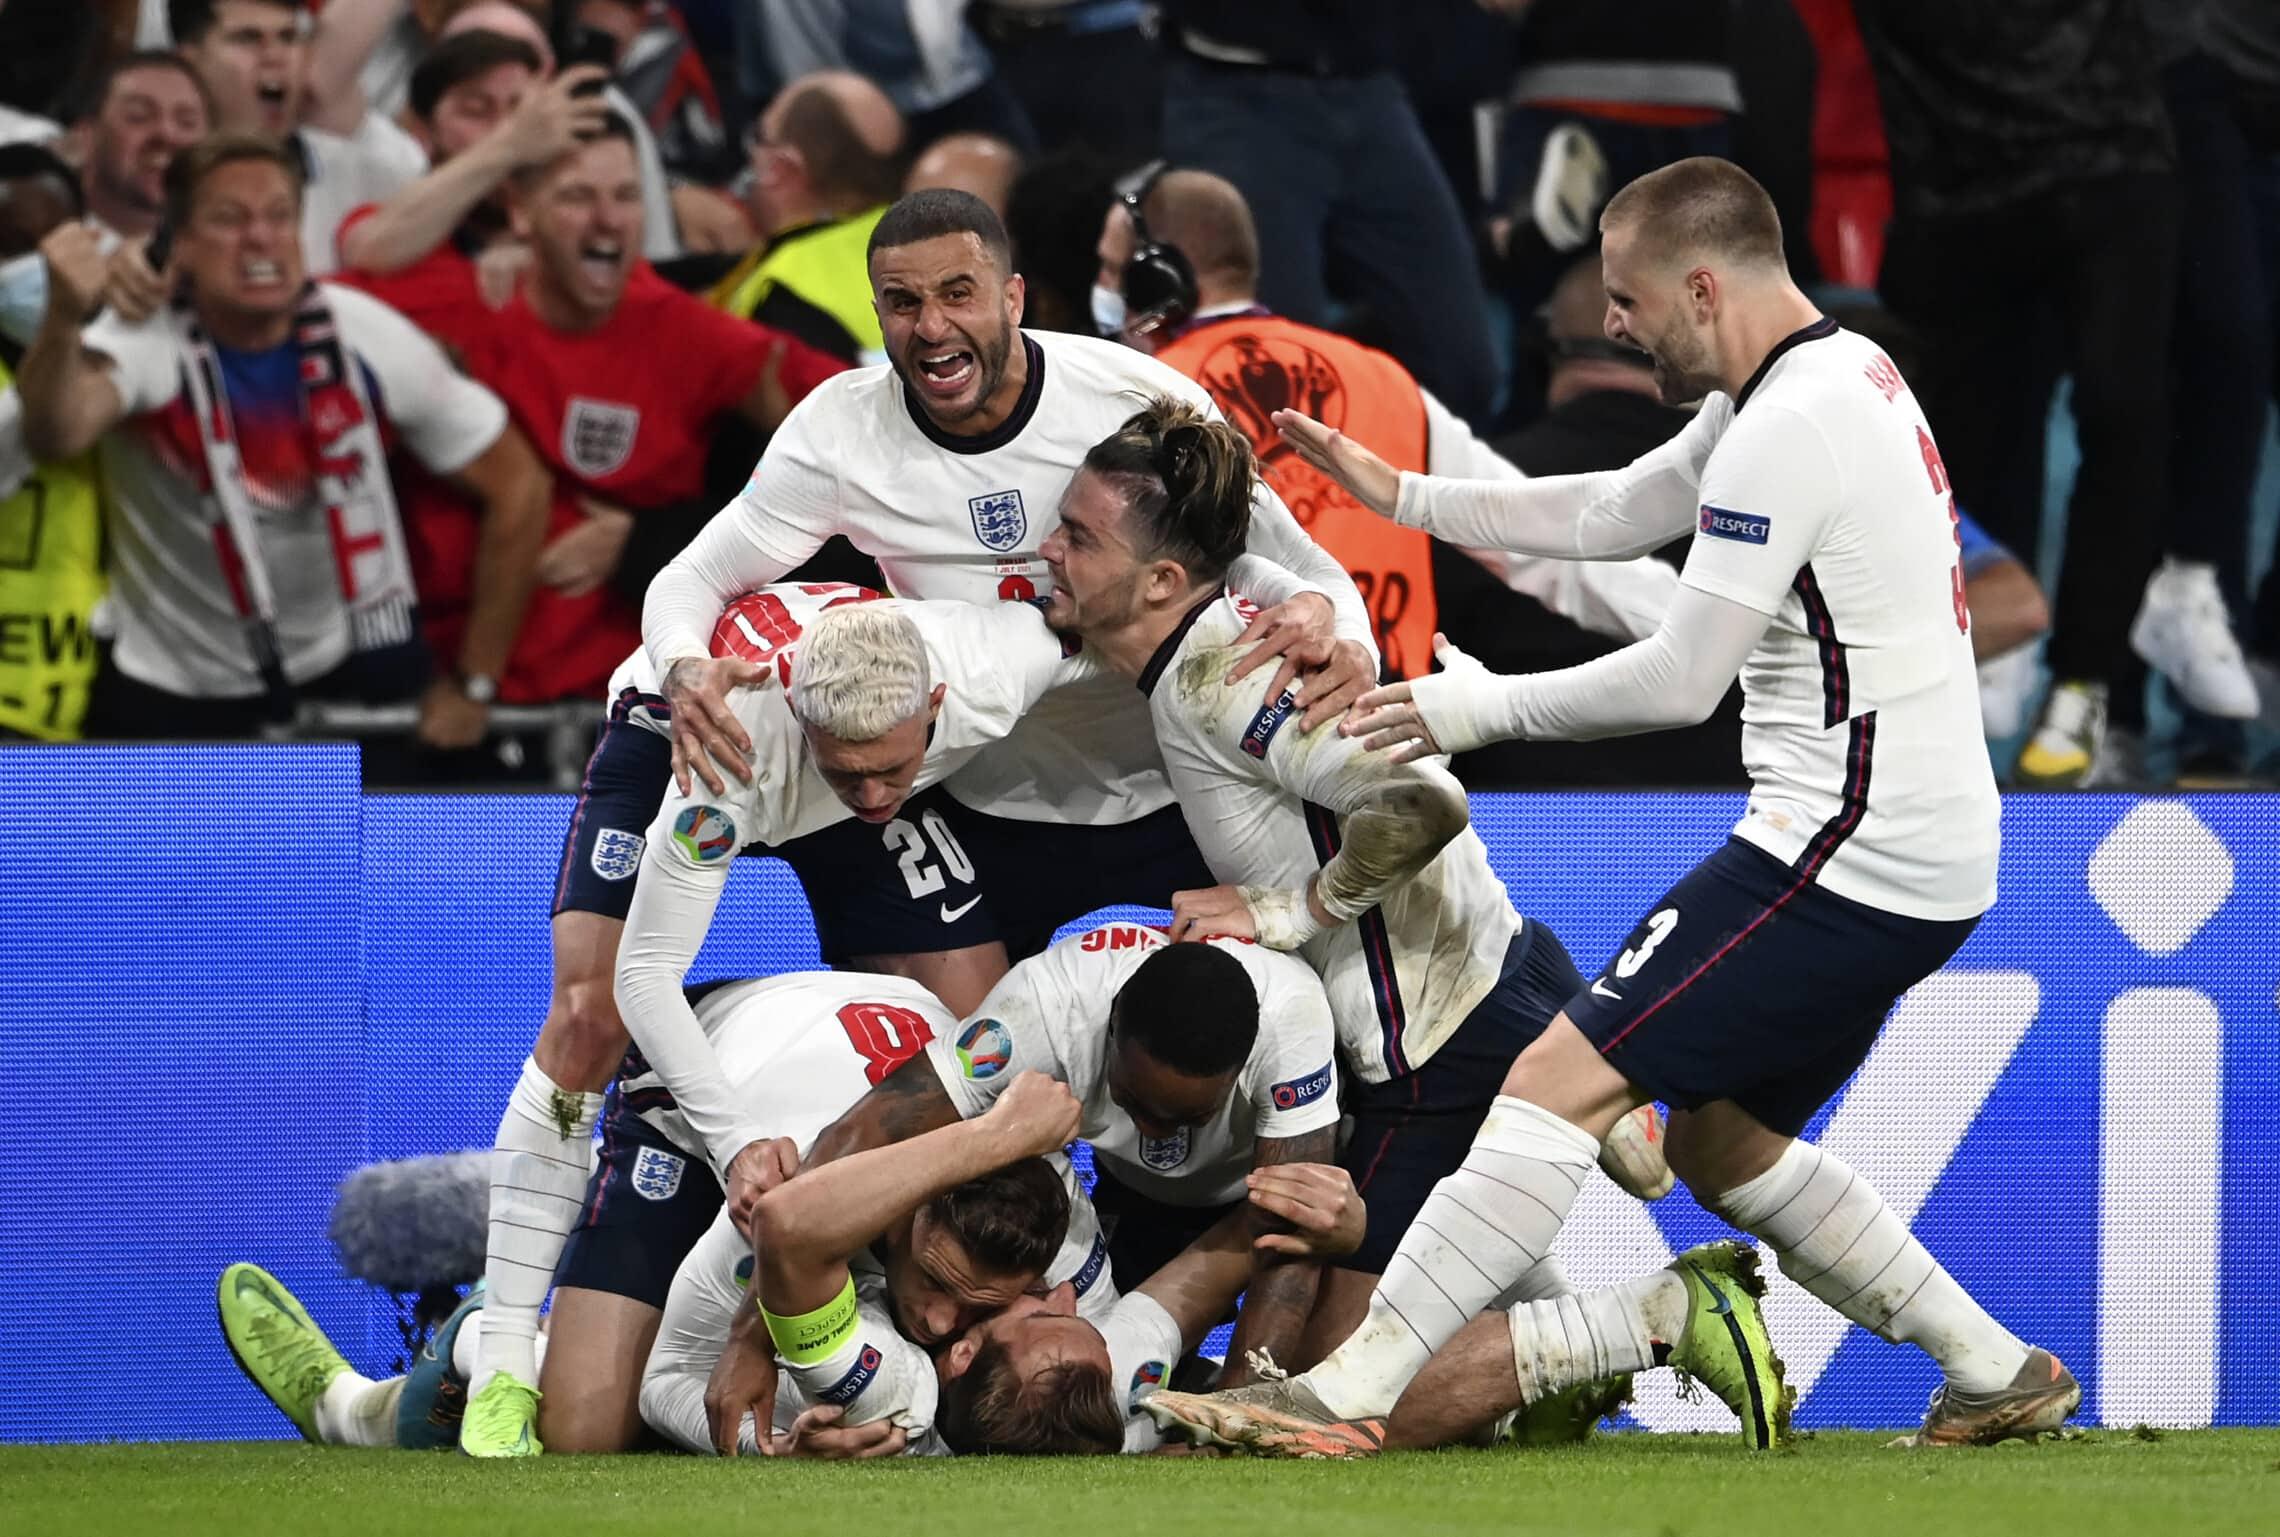 נבחרת אנגליה חוגגת את השער המנצח שהבקיע הארי קיין בחצי הגמר של יורו 2020 מול דנמרק, באיצטדיון וומבלי, 7 ביולי 2021 (צילום: Andy Rain/Pool via AP)